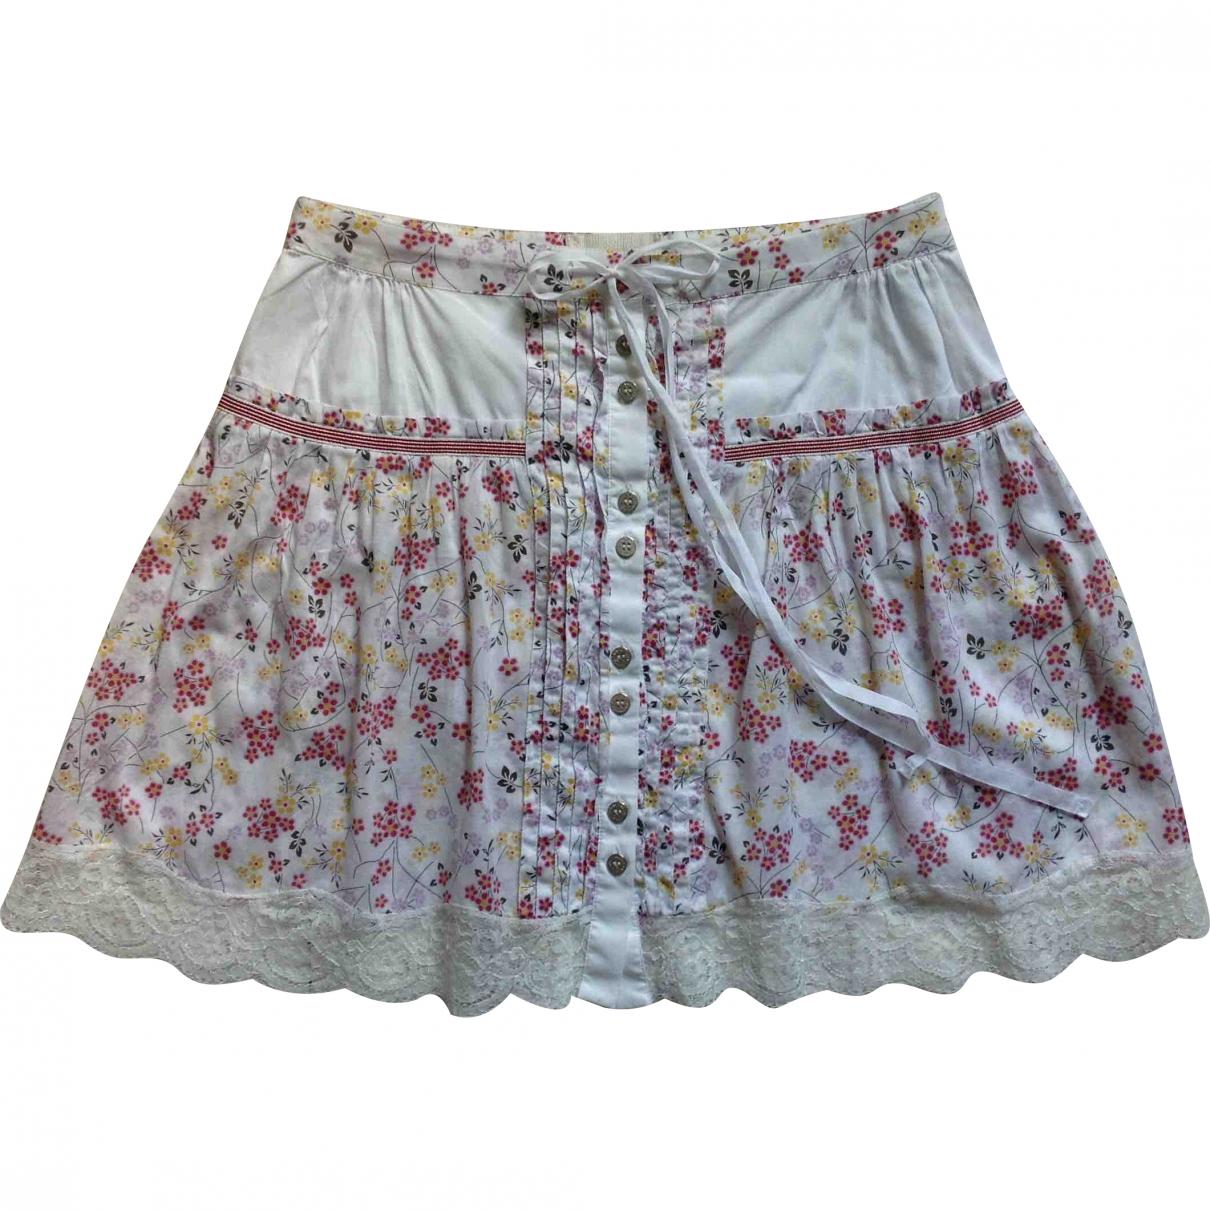 D&g - Jupe   pour femme en coton - elasthane - blanc